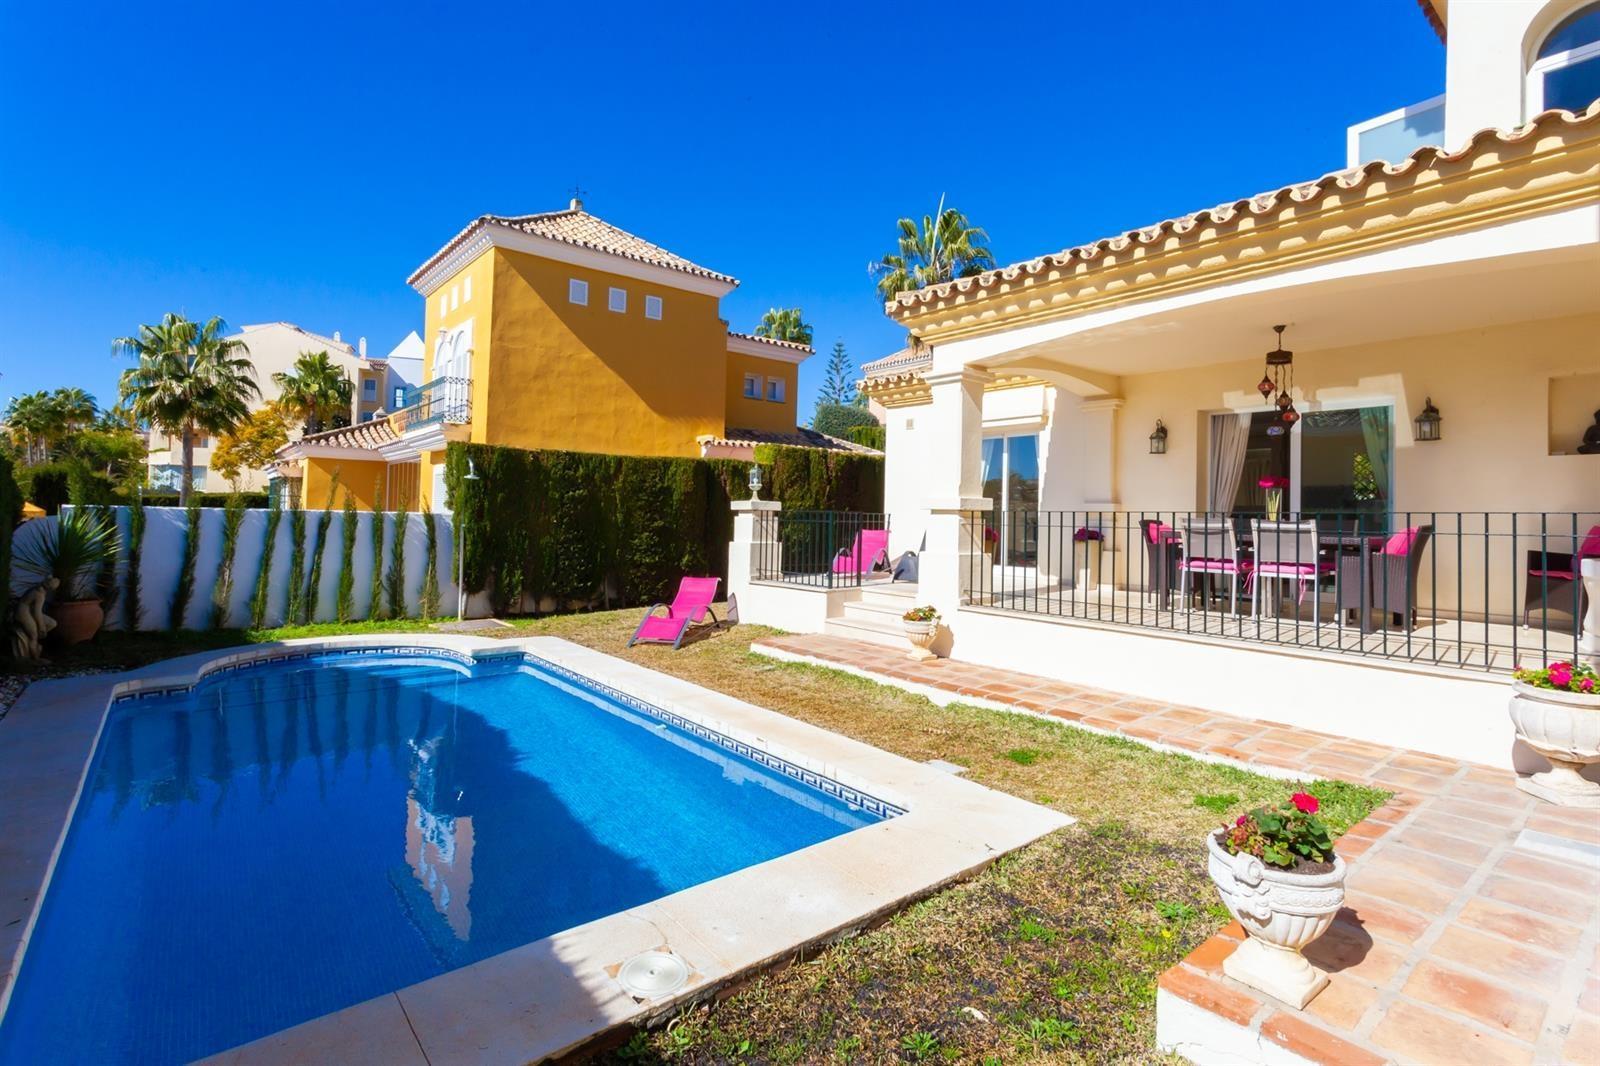 Villas Avec Piscine En Location De Vacances À Andalousie ... dedans Location Maison Vacances Avec Piscine Privée Pas Cher Particulier